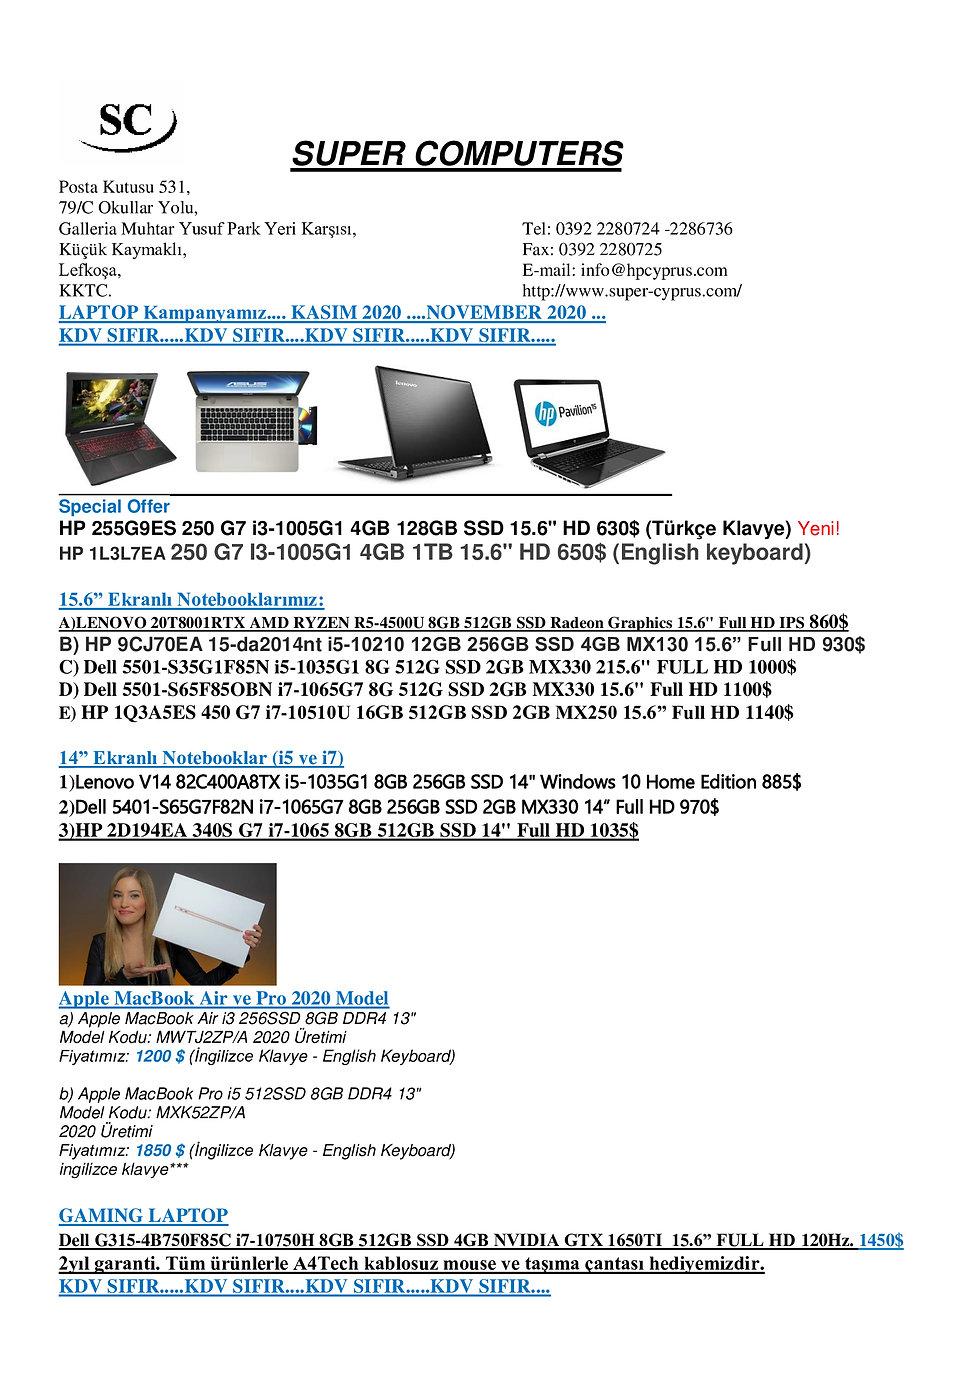 laptopkasım16.jpg